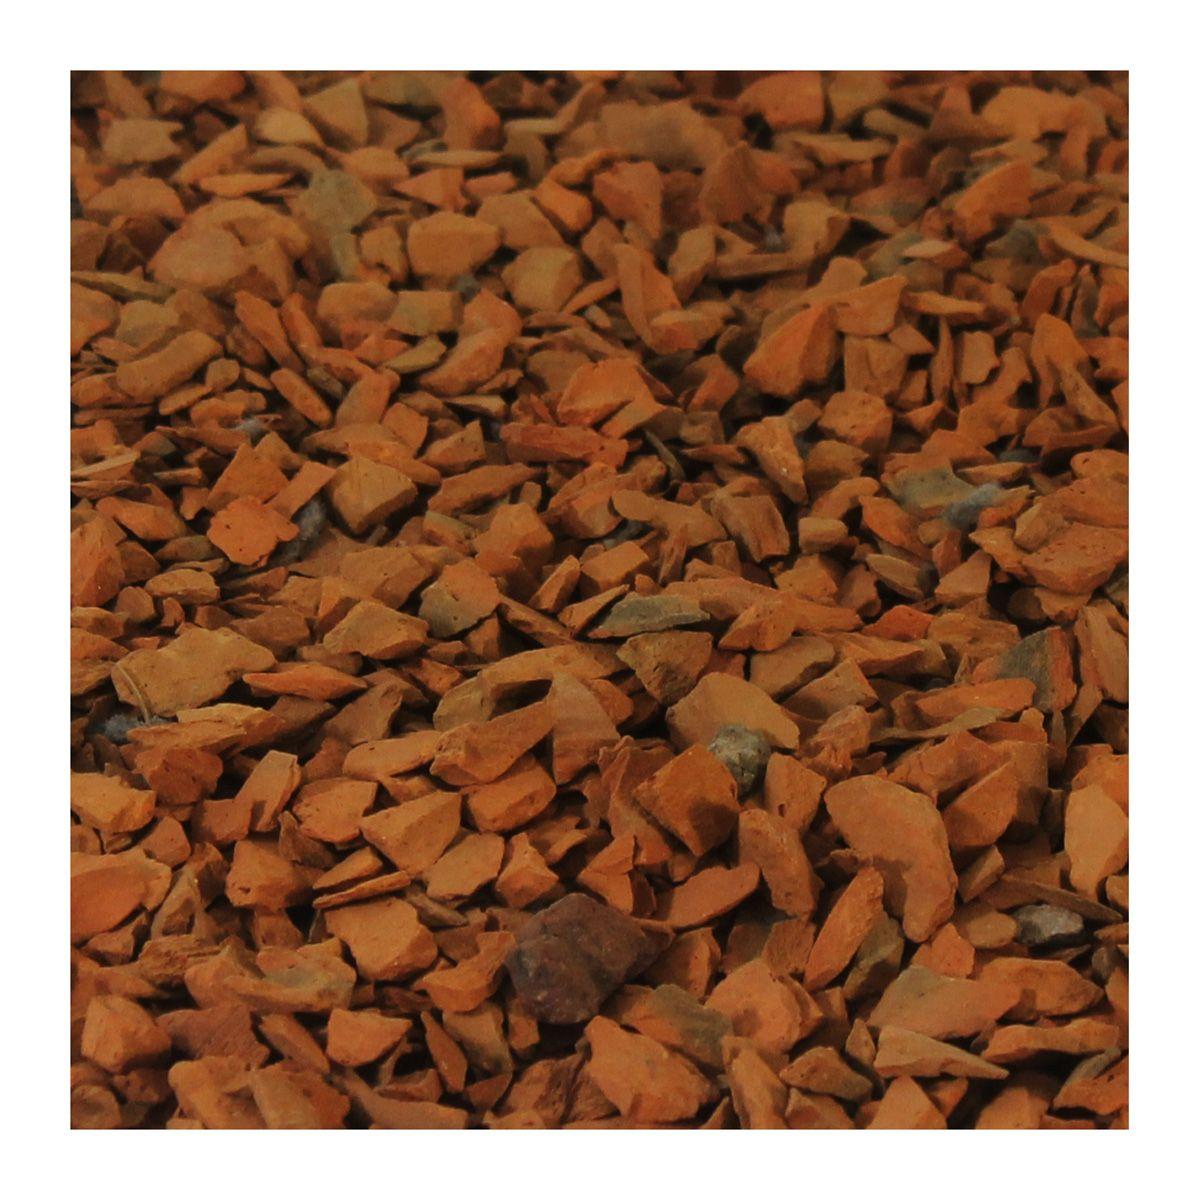 Piedra para jardin 3 8 terracota producto organico for Diseno de piedras decorativas